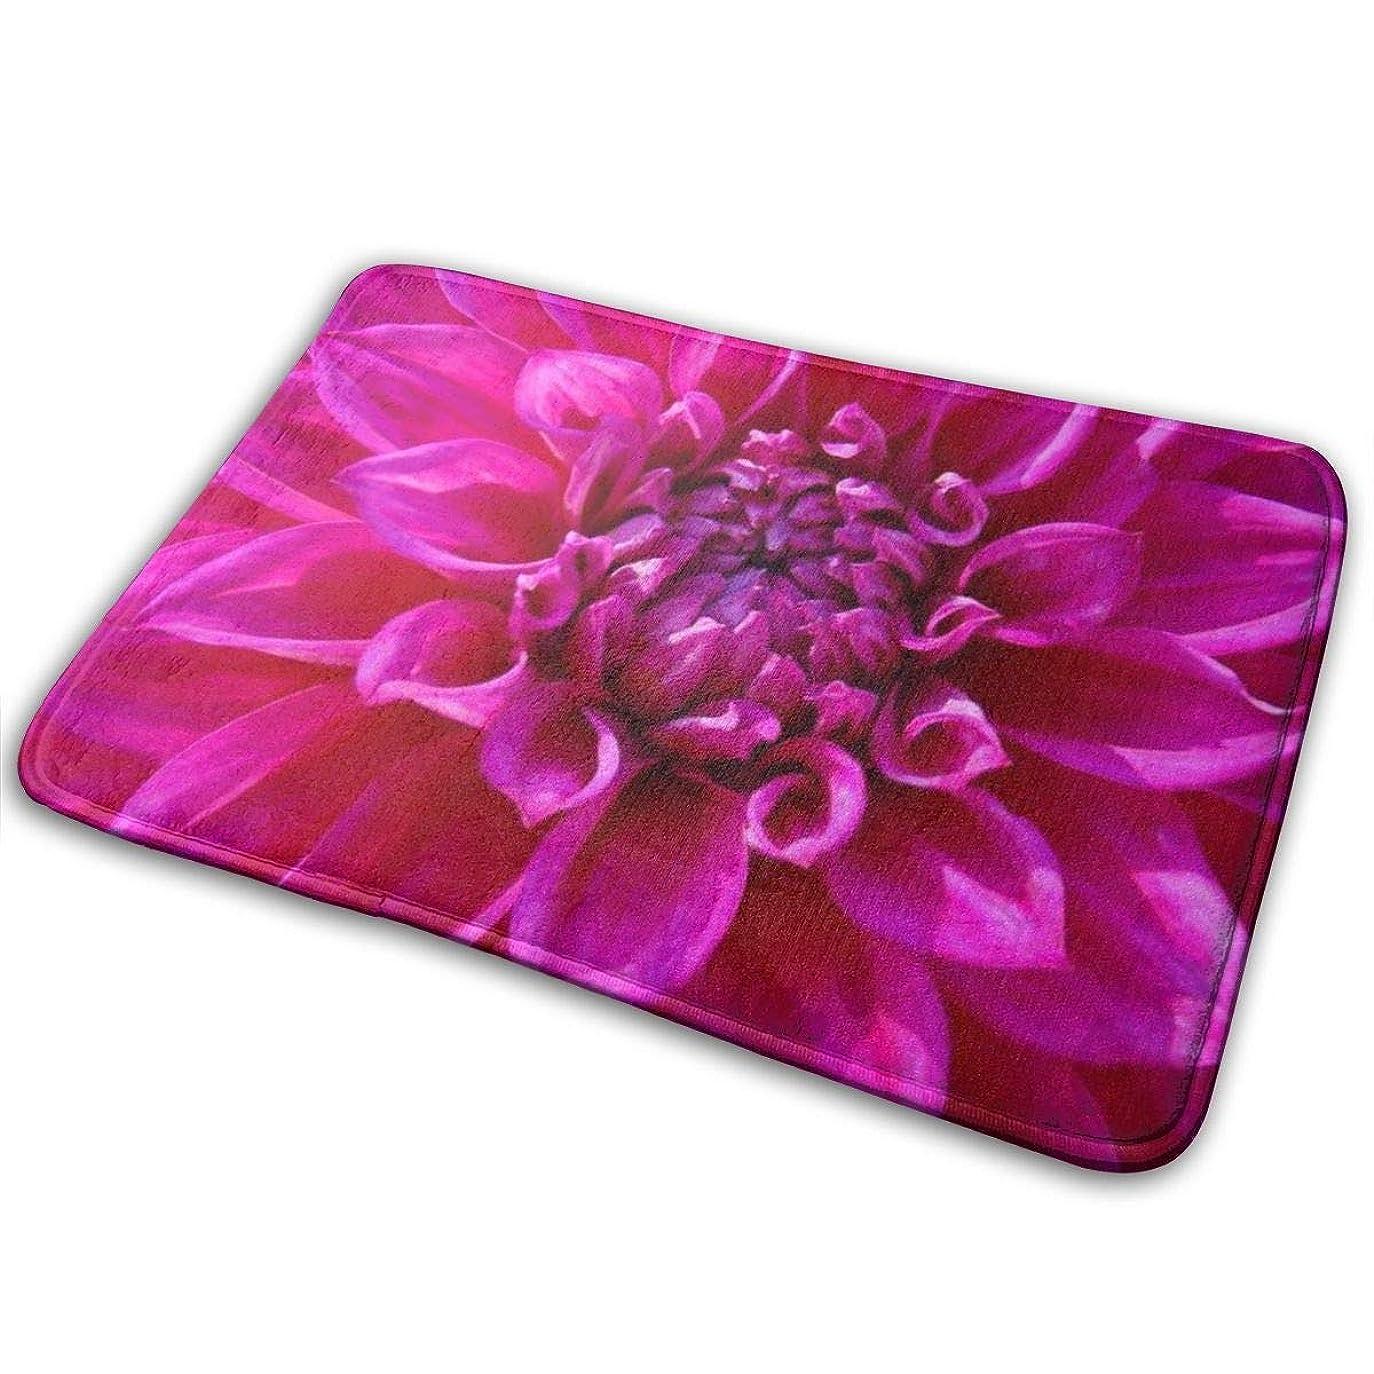 引き算相互ベッド咲く自然のホットピンクの菊の玄関マットの入口のマットの床のマットの敷物屋内/屋外/玄関/浴室のマットラバーノンスリップ23.6 X 15.8インチ